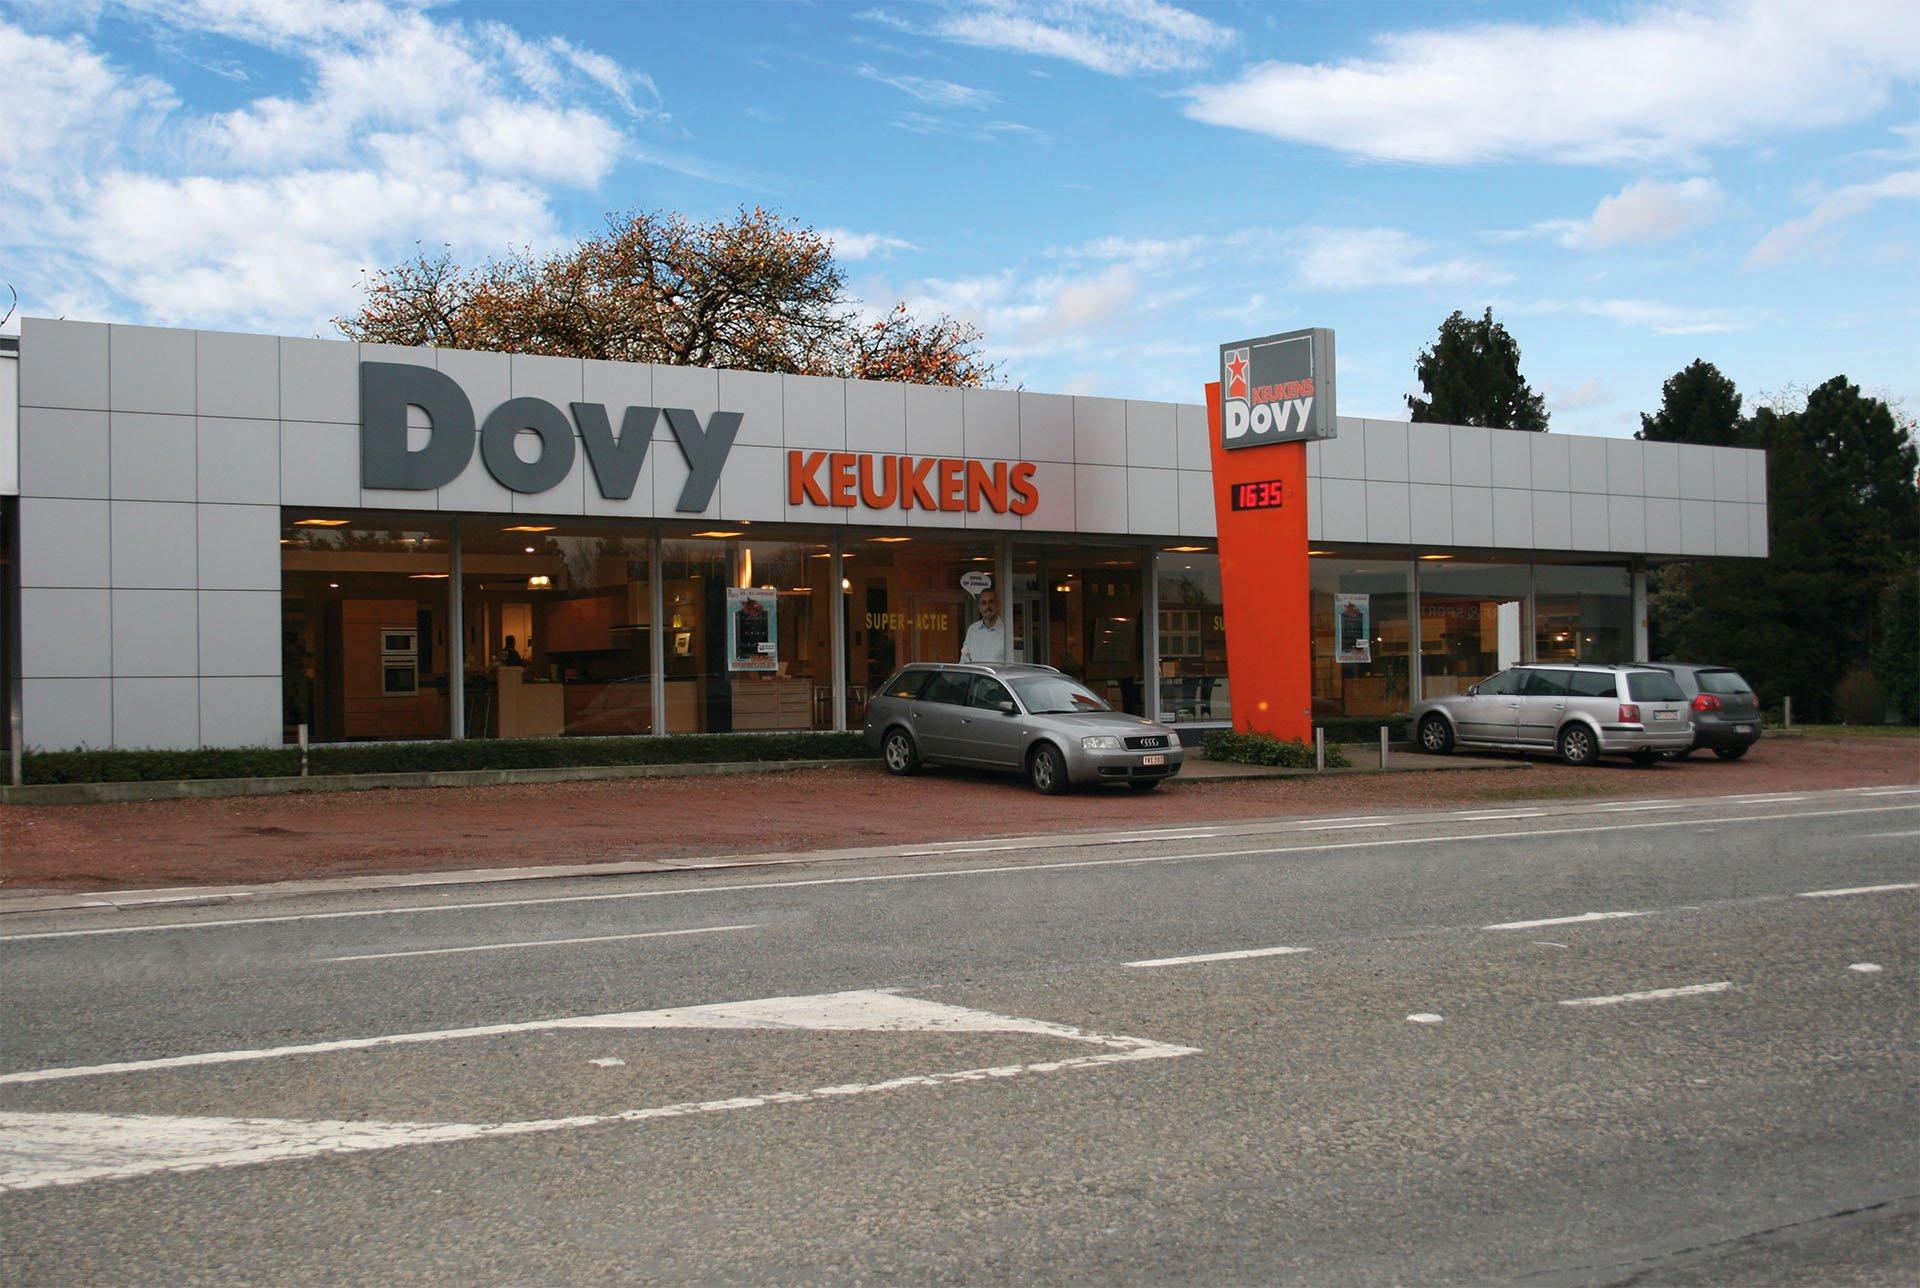 Dovy Keukens Sint Niklaas Toonzaal bezoeken Dovy keukens